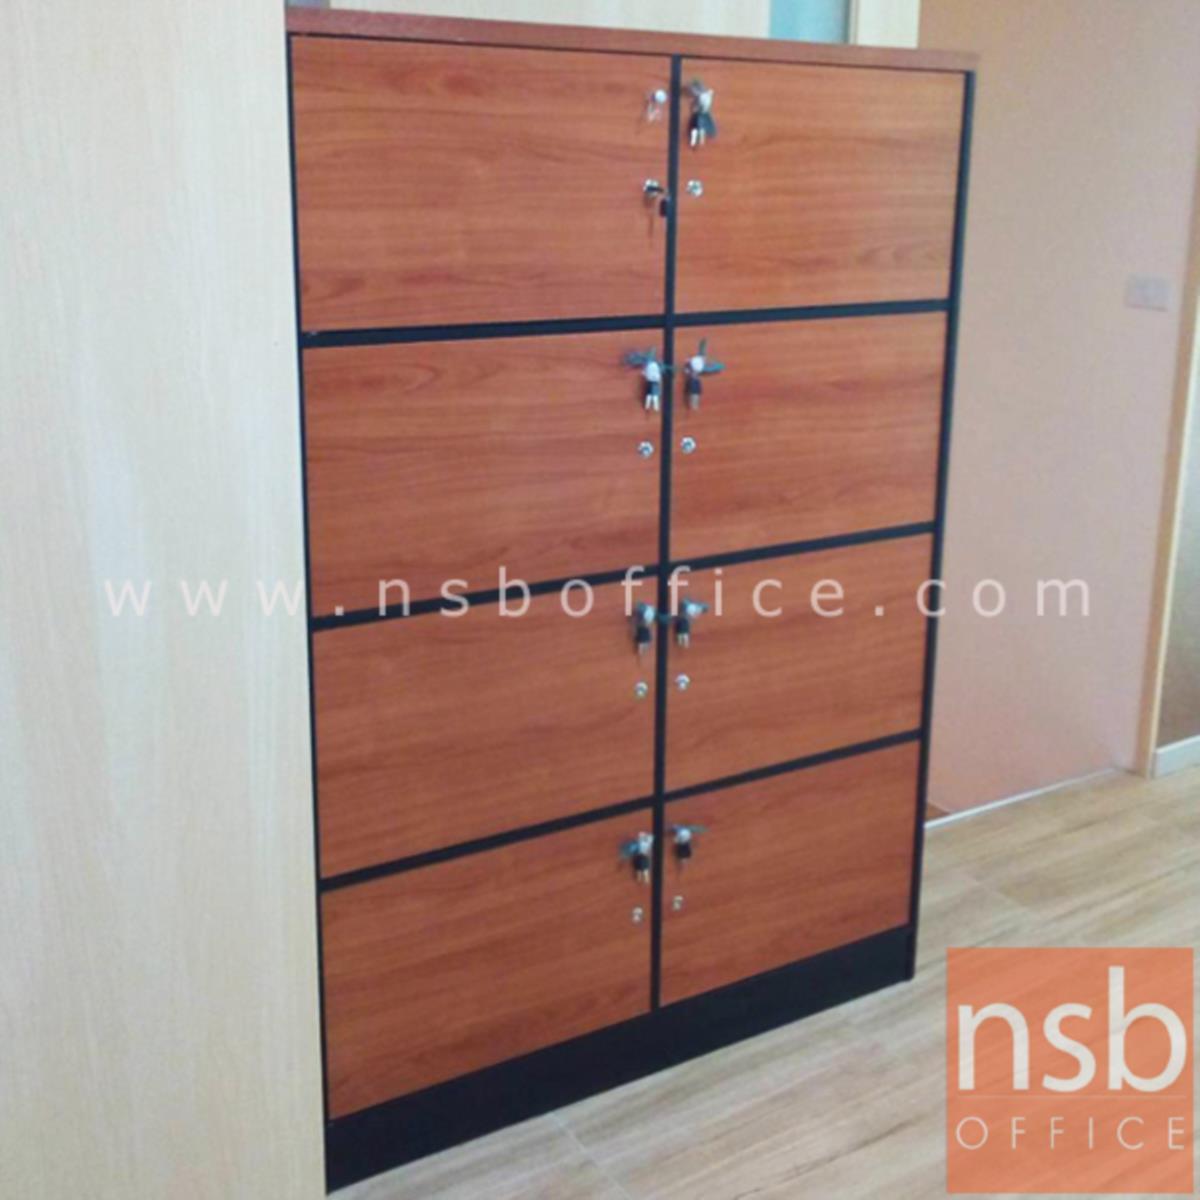 ตู้ล็อคเกอร์ไม้ 8 ประตู  รุ่น Eilish (ไอลิช) ขนาด 120W*170H cm. กุญแจล็อคแยก